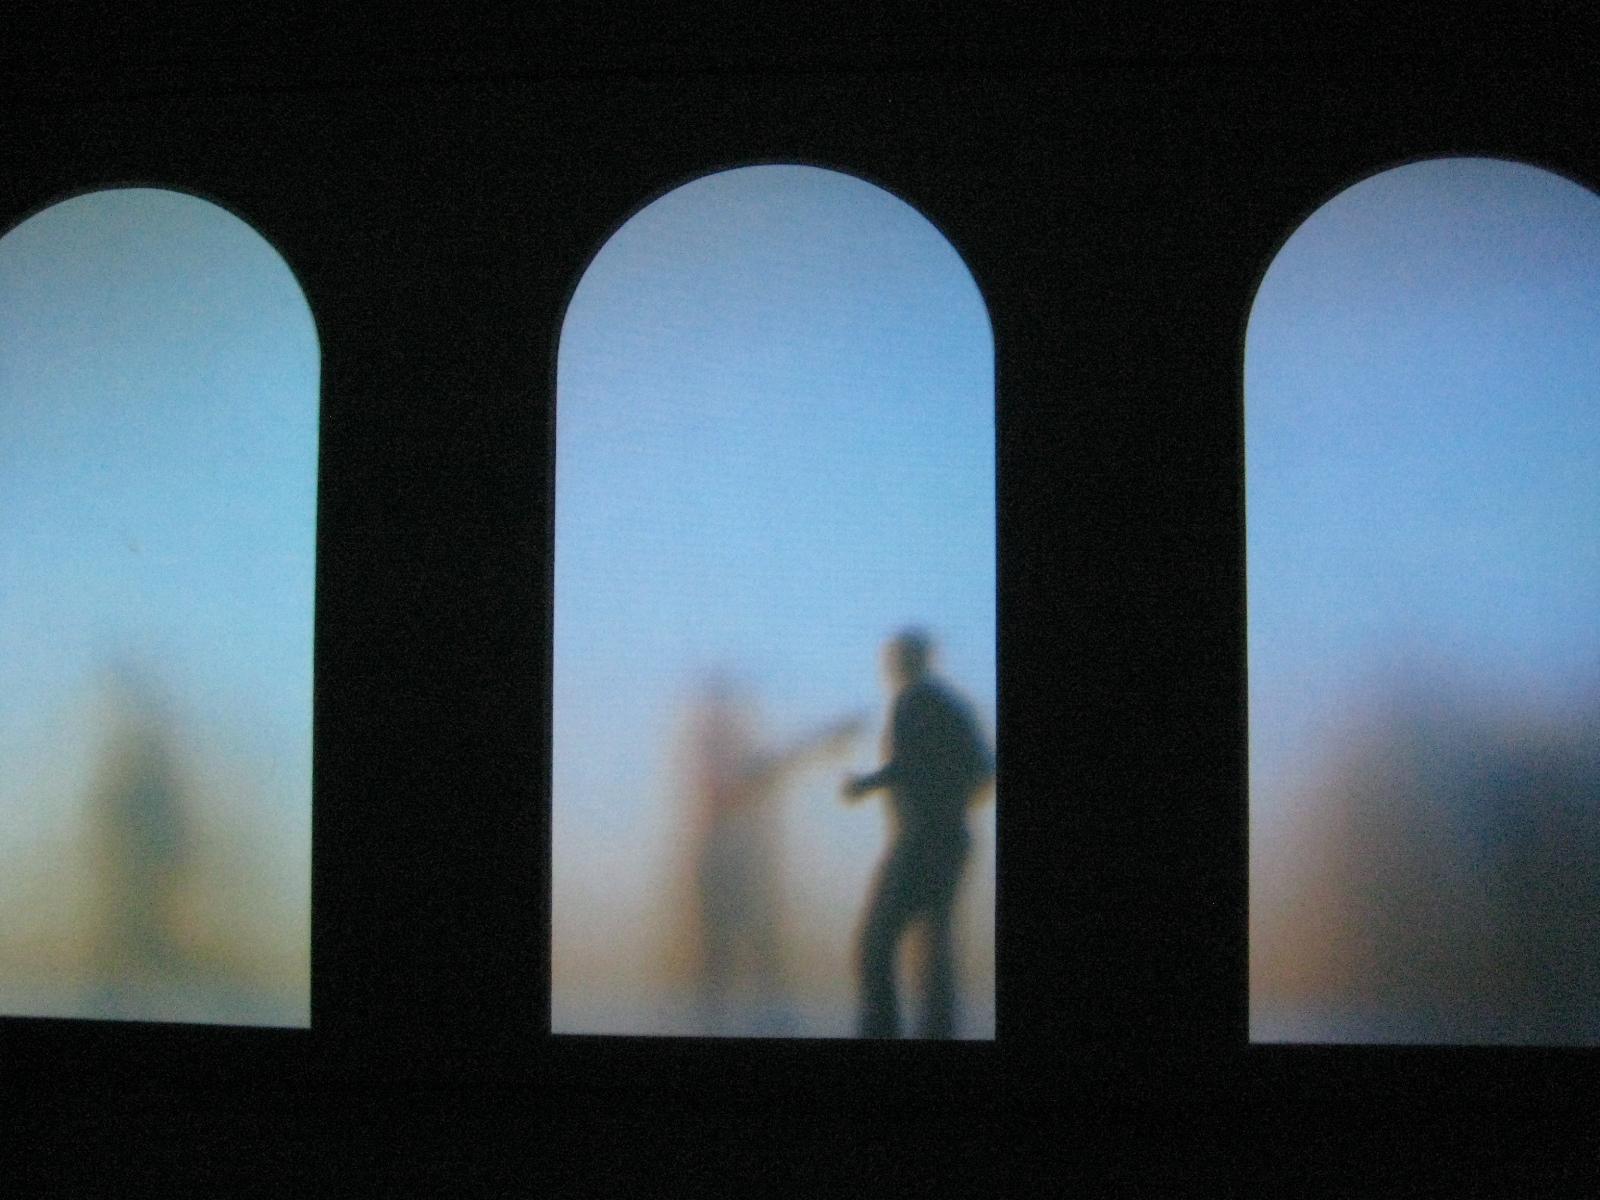 Krzysztof Wodiczko - Ospiti/Guests/Goscie - 2008/2009